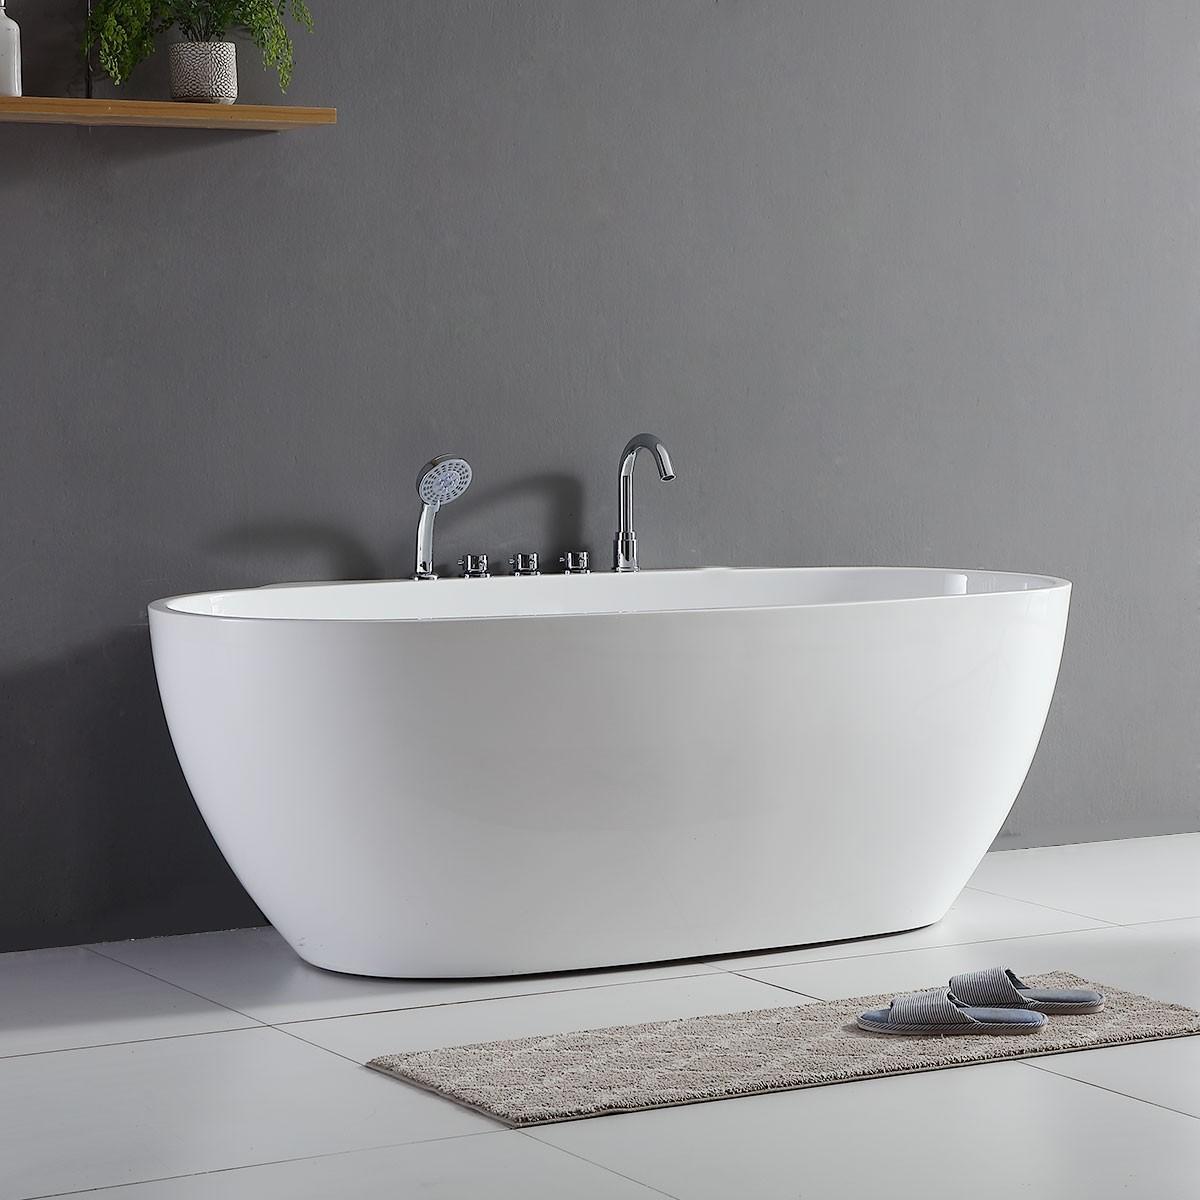 67 po baignoire autoportante contre mur en acrylique avec. Black Bedroom Furniture Sets. Home Design Ideas